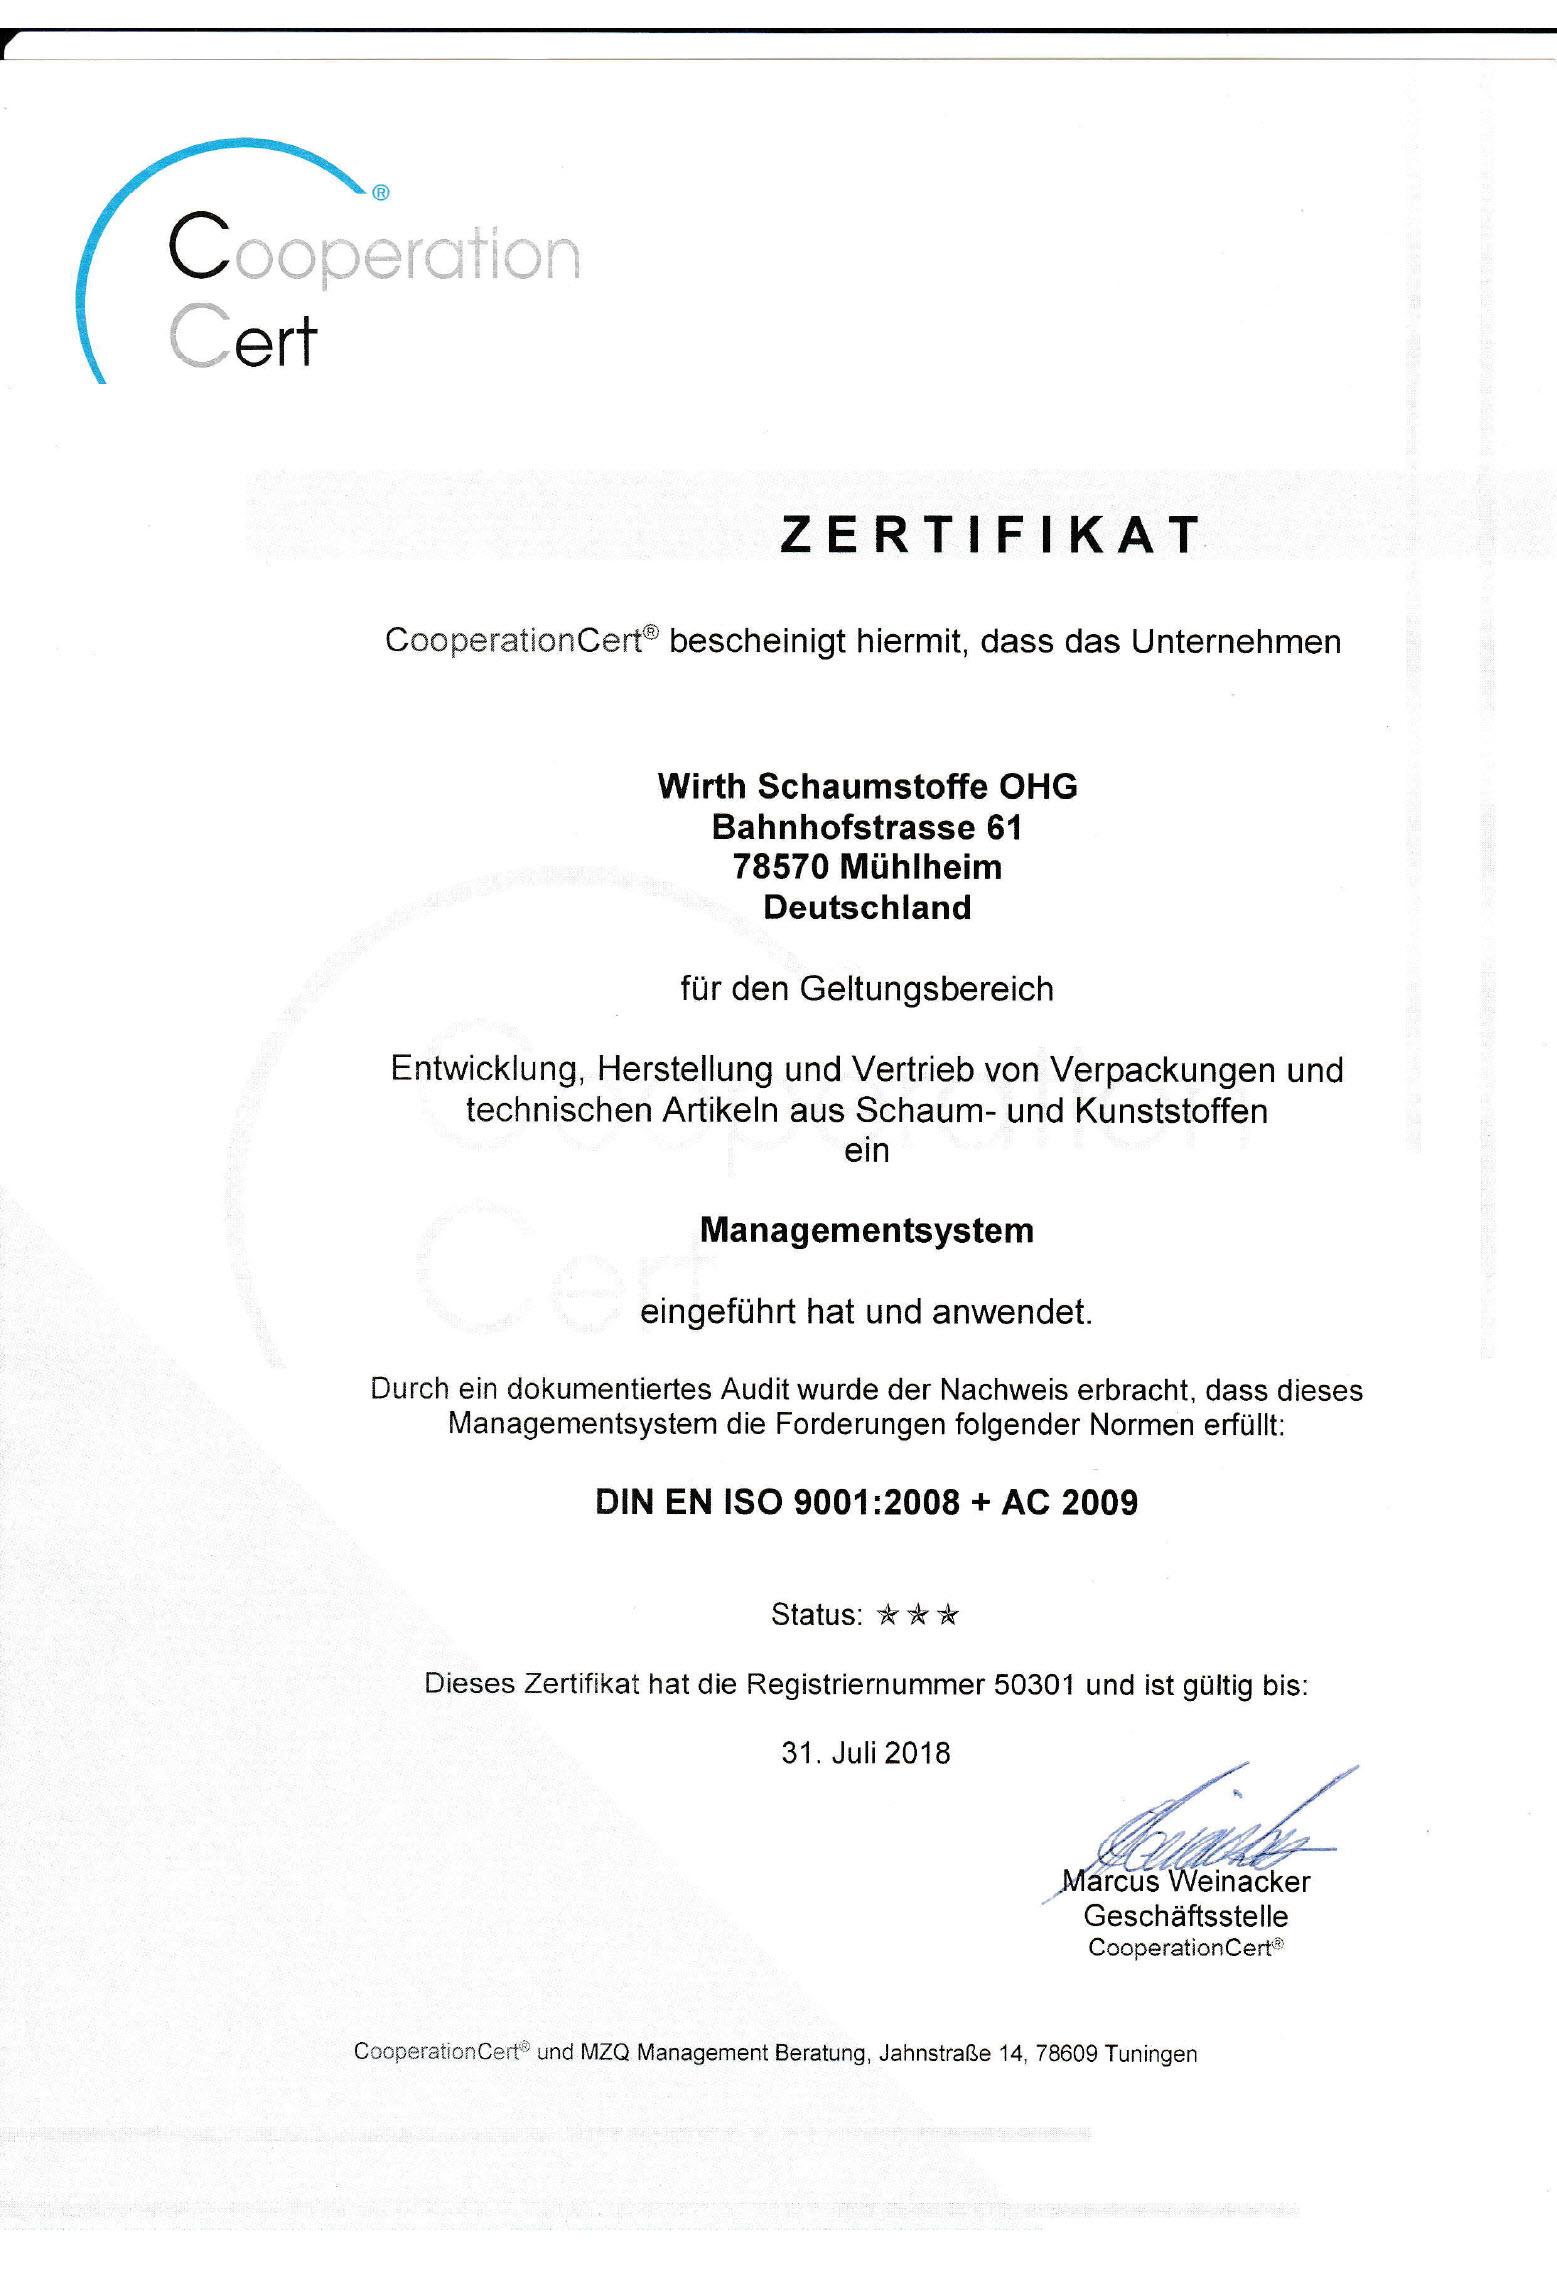 DIN EN ISO Wirth Schaumstoffe OHG 2016